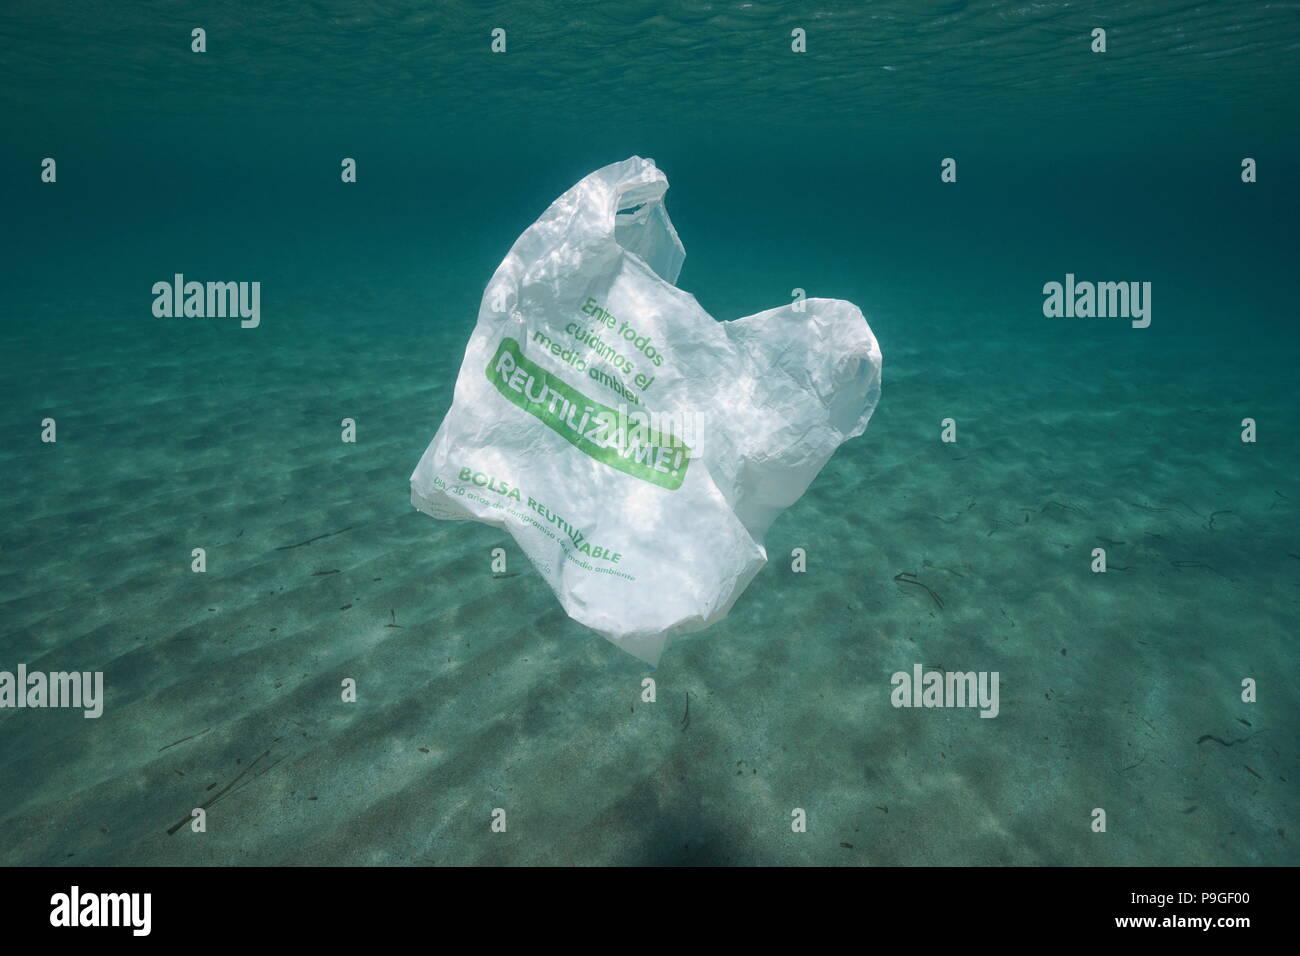 La pollution en plastique sous l'eau, un sac en plastique réutilisable, à la dérive dans la mer méditerranée, Almeria, Andalousie, Espagne Photo Stock